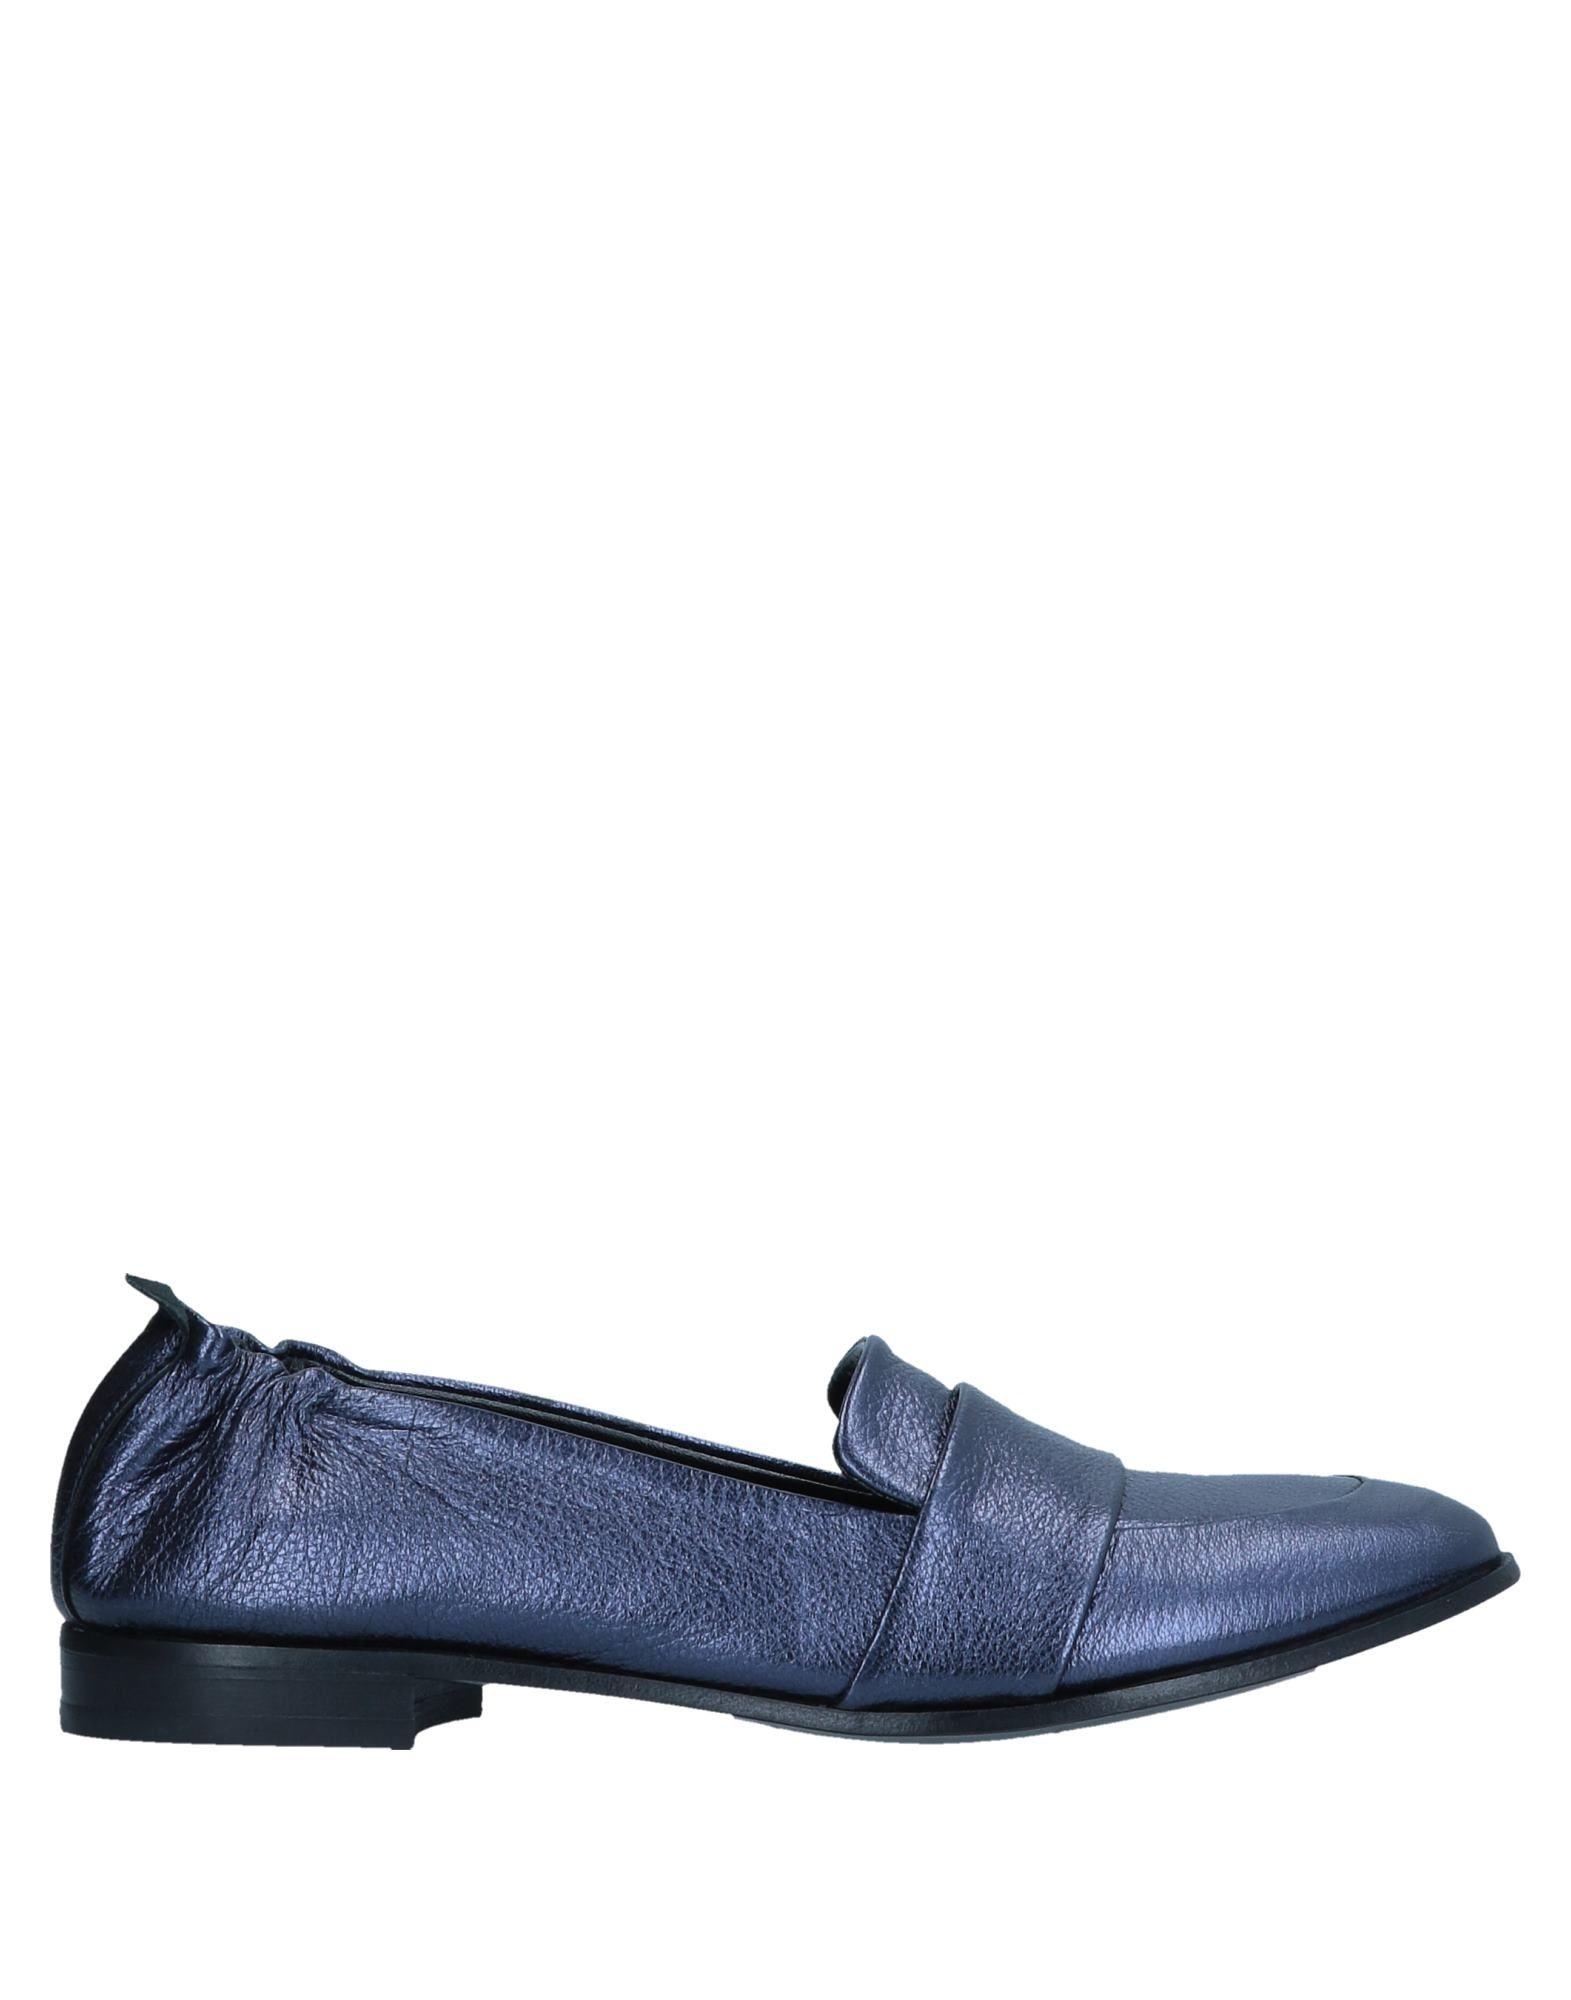 Lilimill Mokassins Damen  11553147JI Gute Qualität beliebte Schuhe